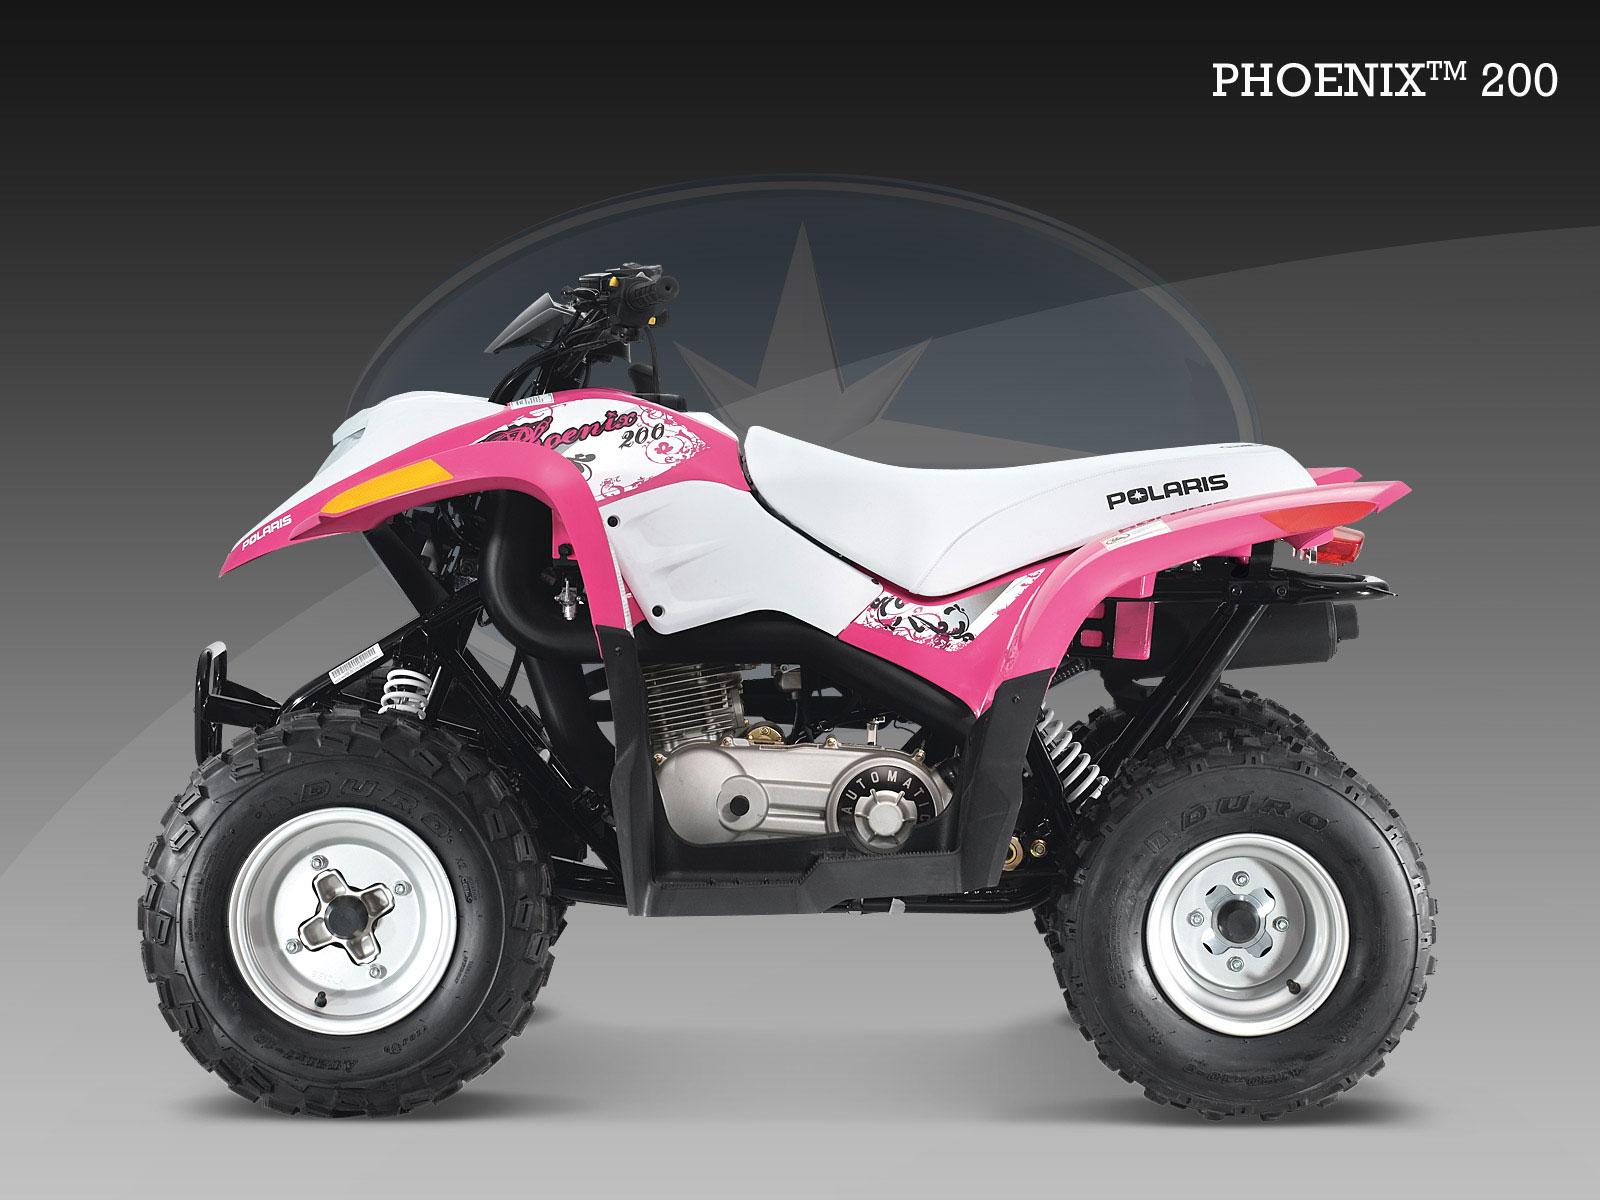 Polaris Phoenix 200 Specs - 2008  2009